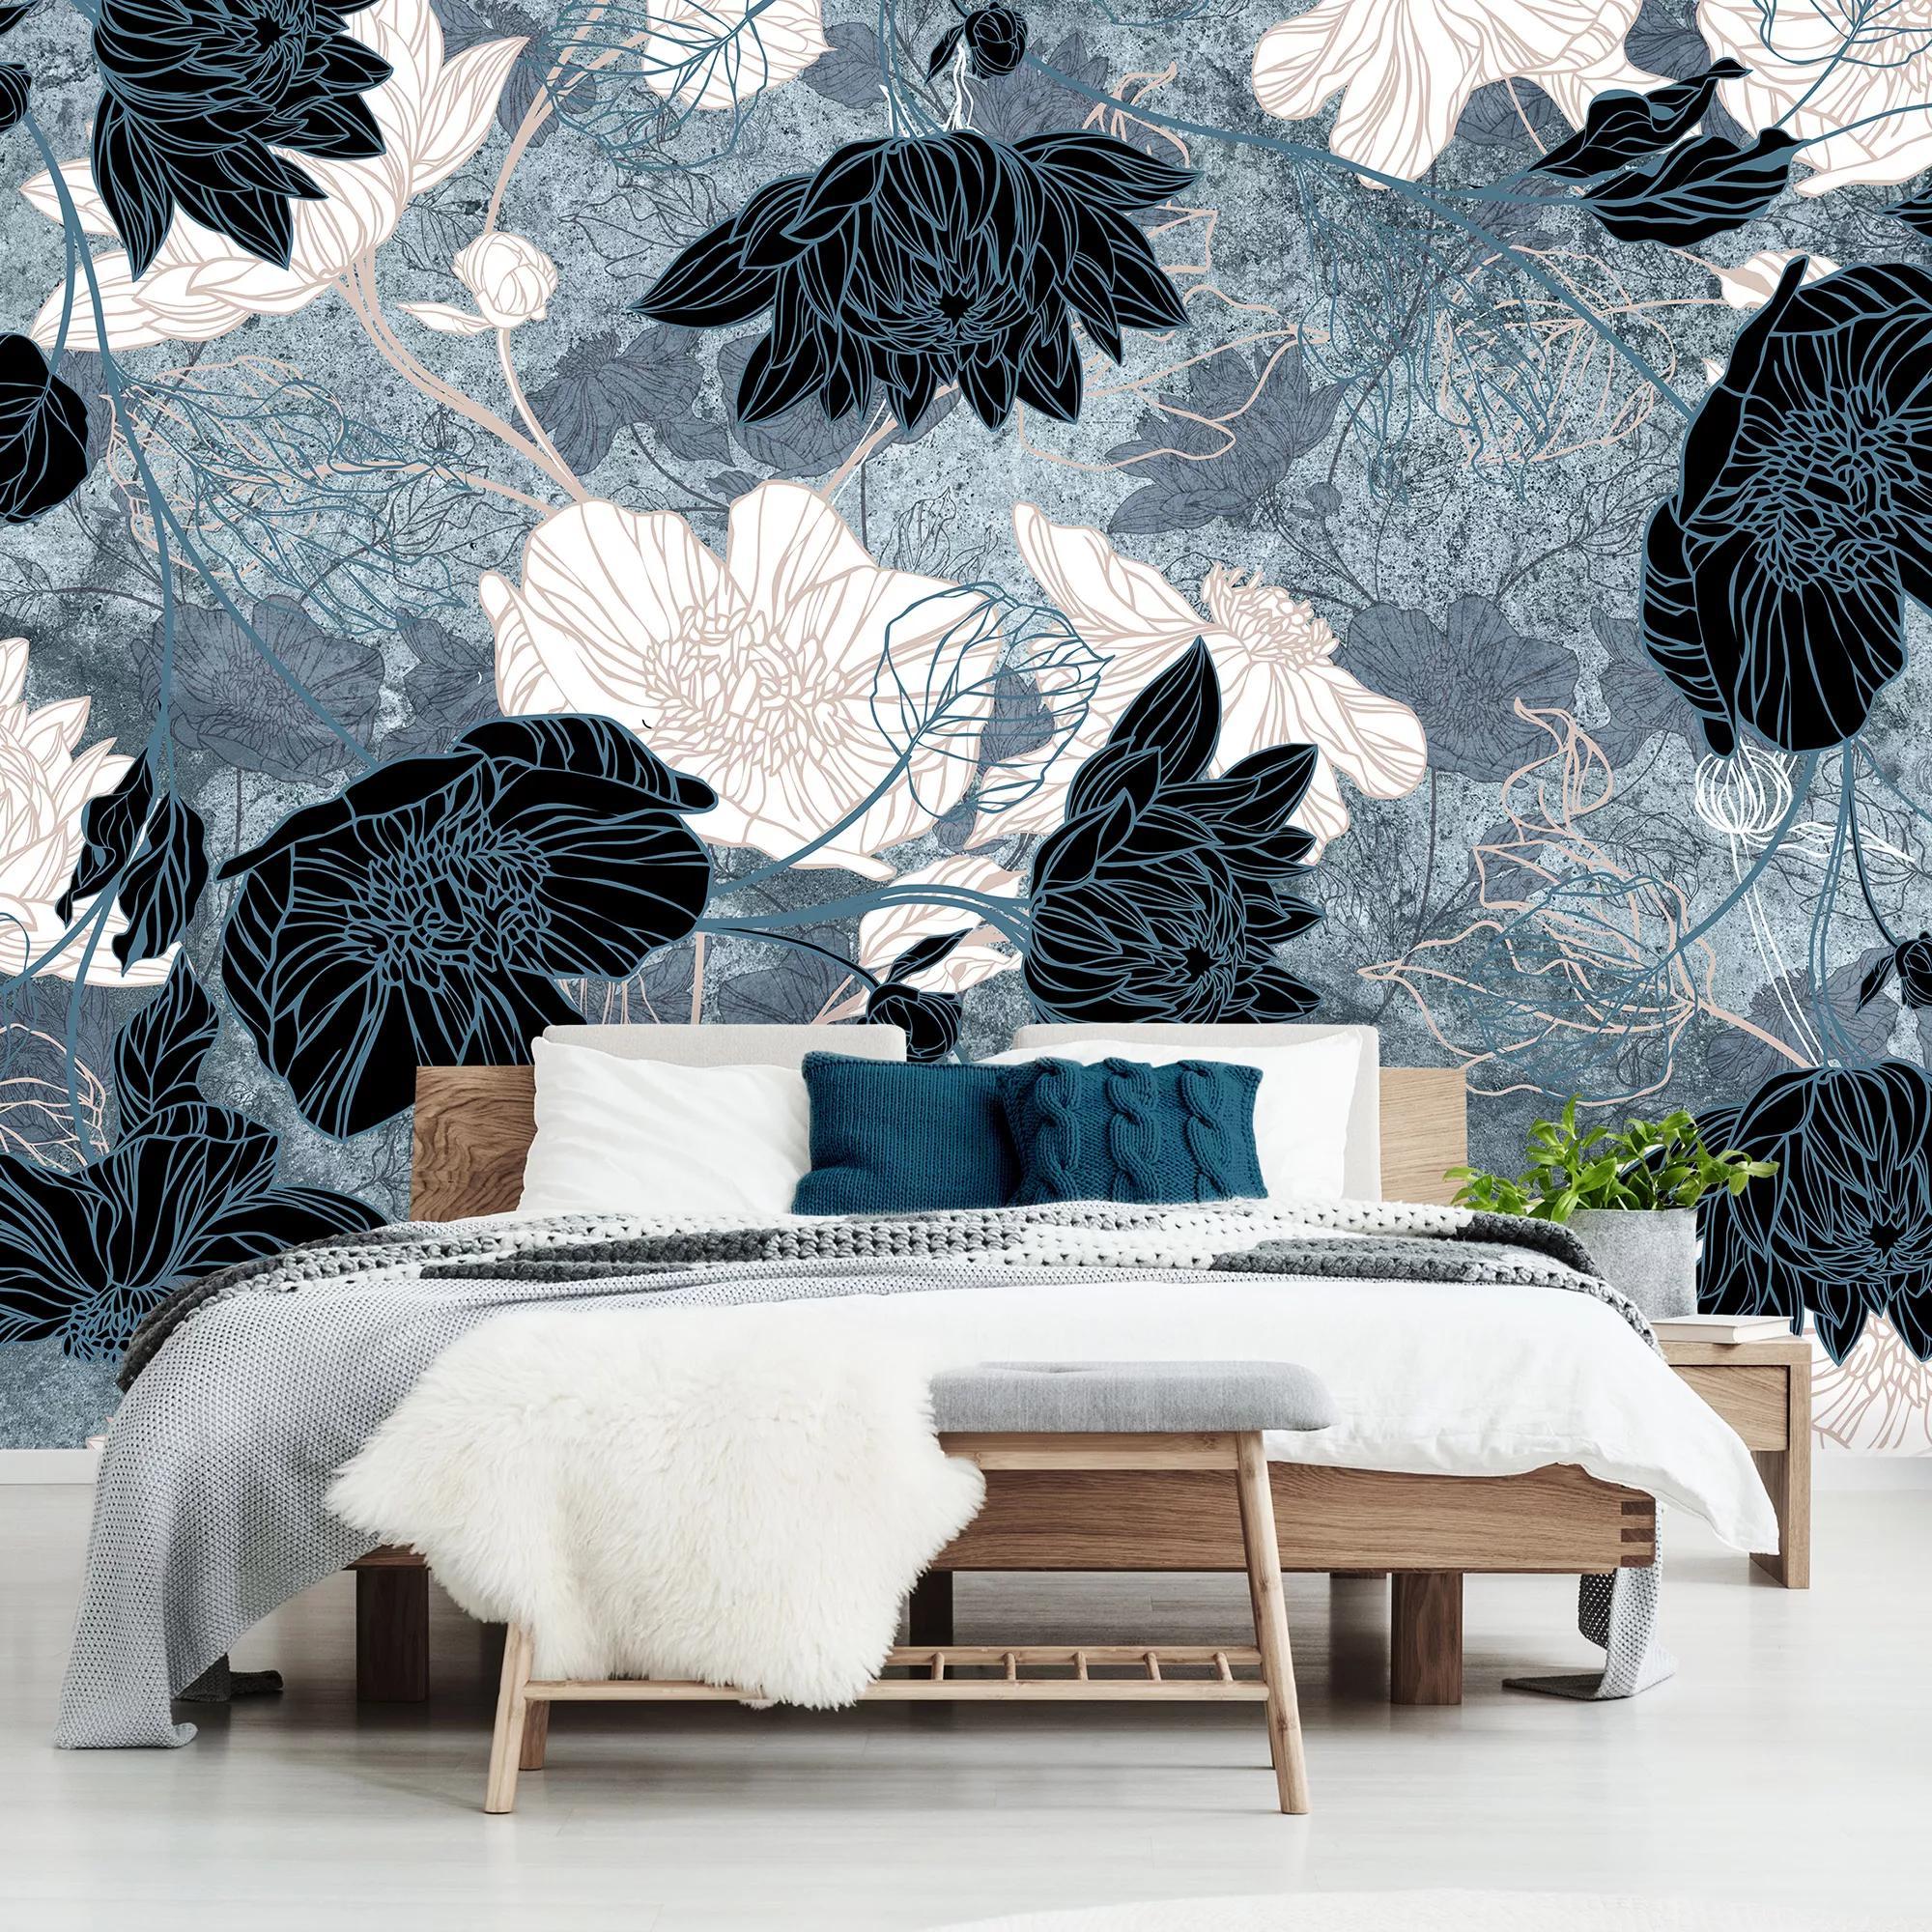 Rajzolt virágmintás fali poszter kék színvilágban